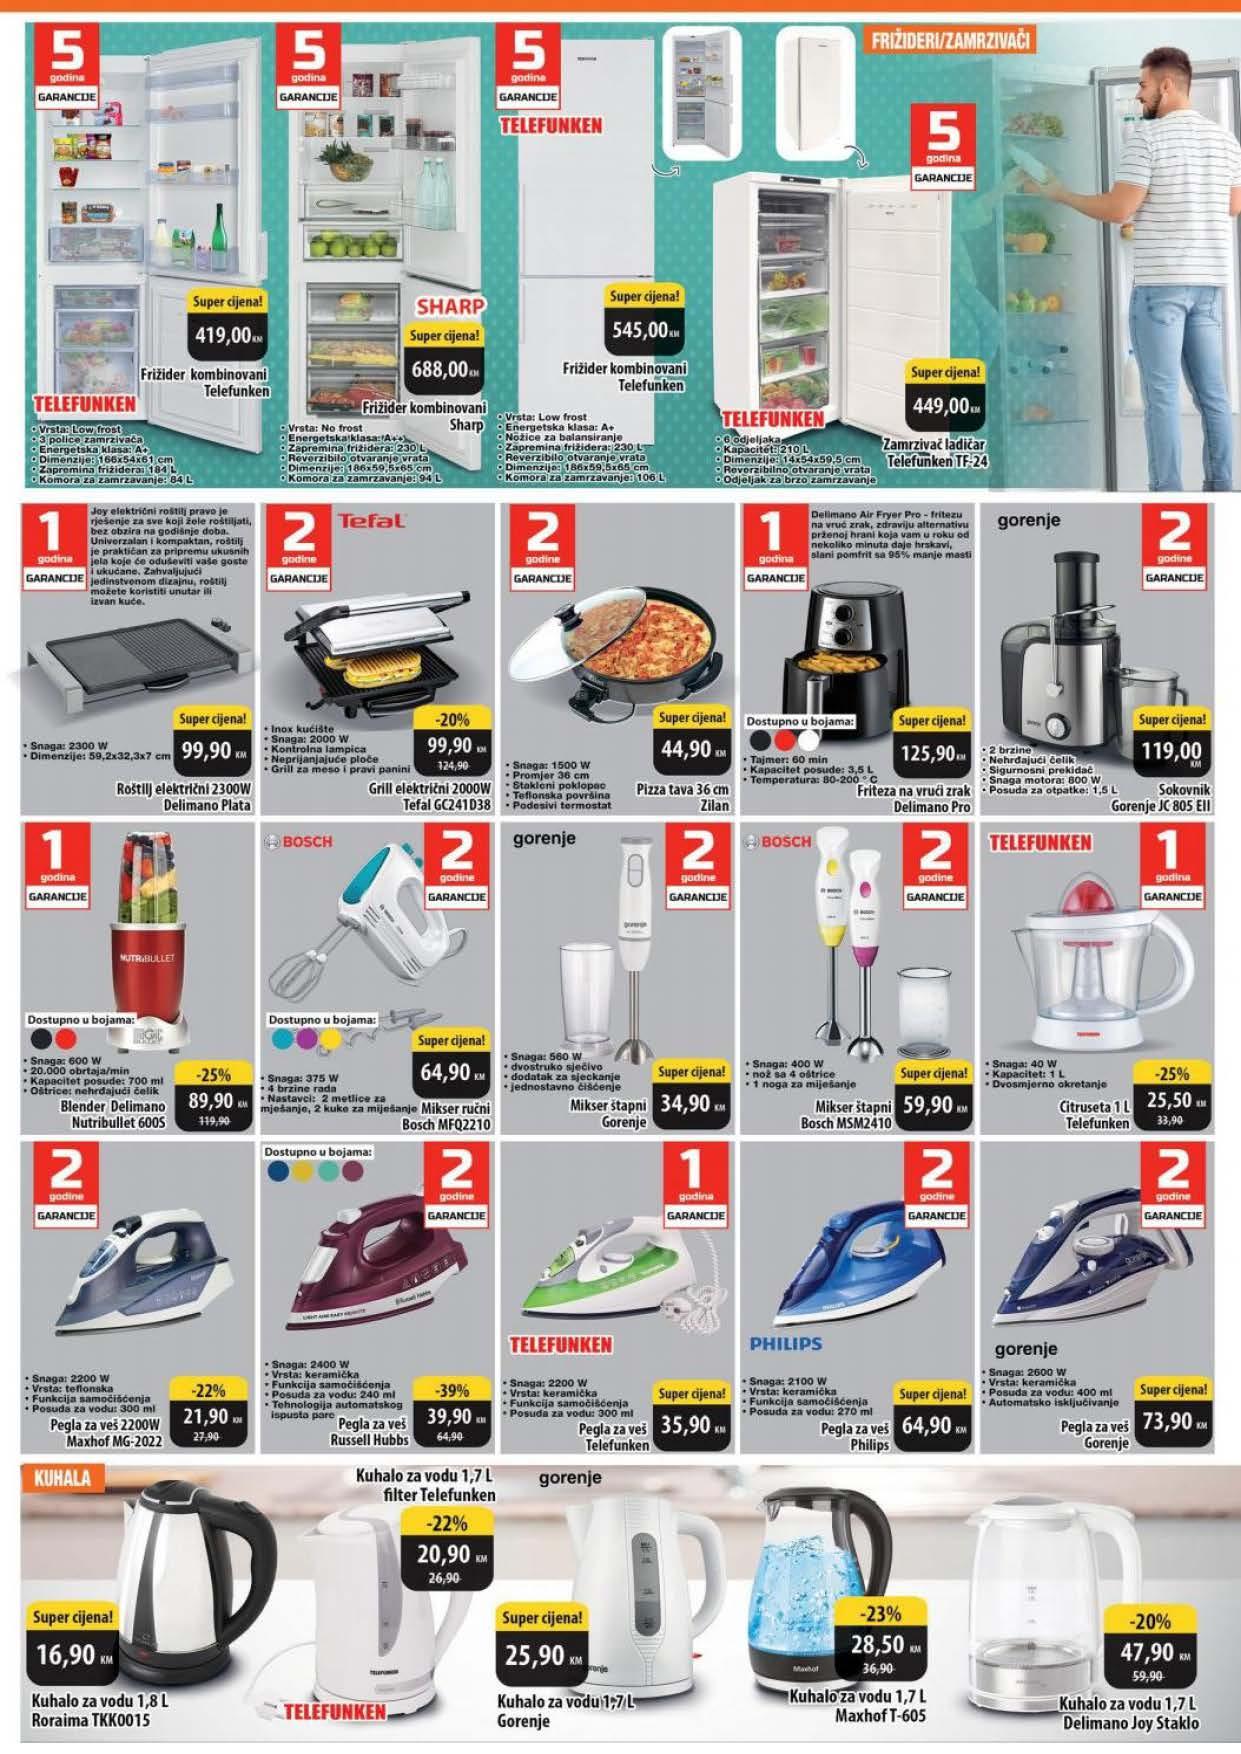 BINGO Katalog Katalog tehnike JUN i JUL 2021 11.6. 11.7. eKatalozi.com PR Page 7